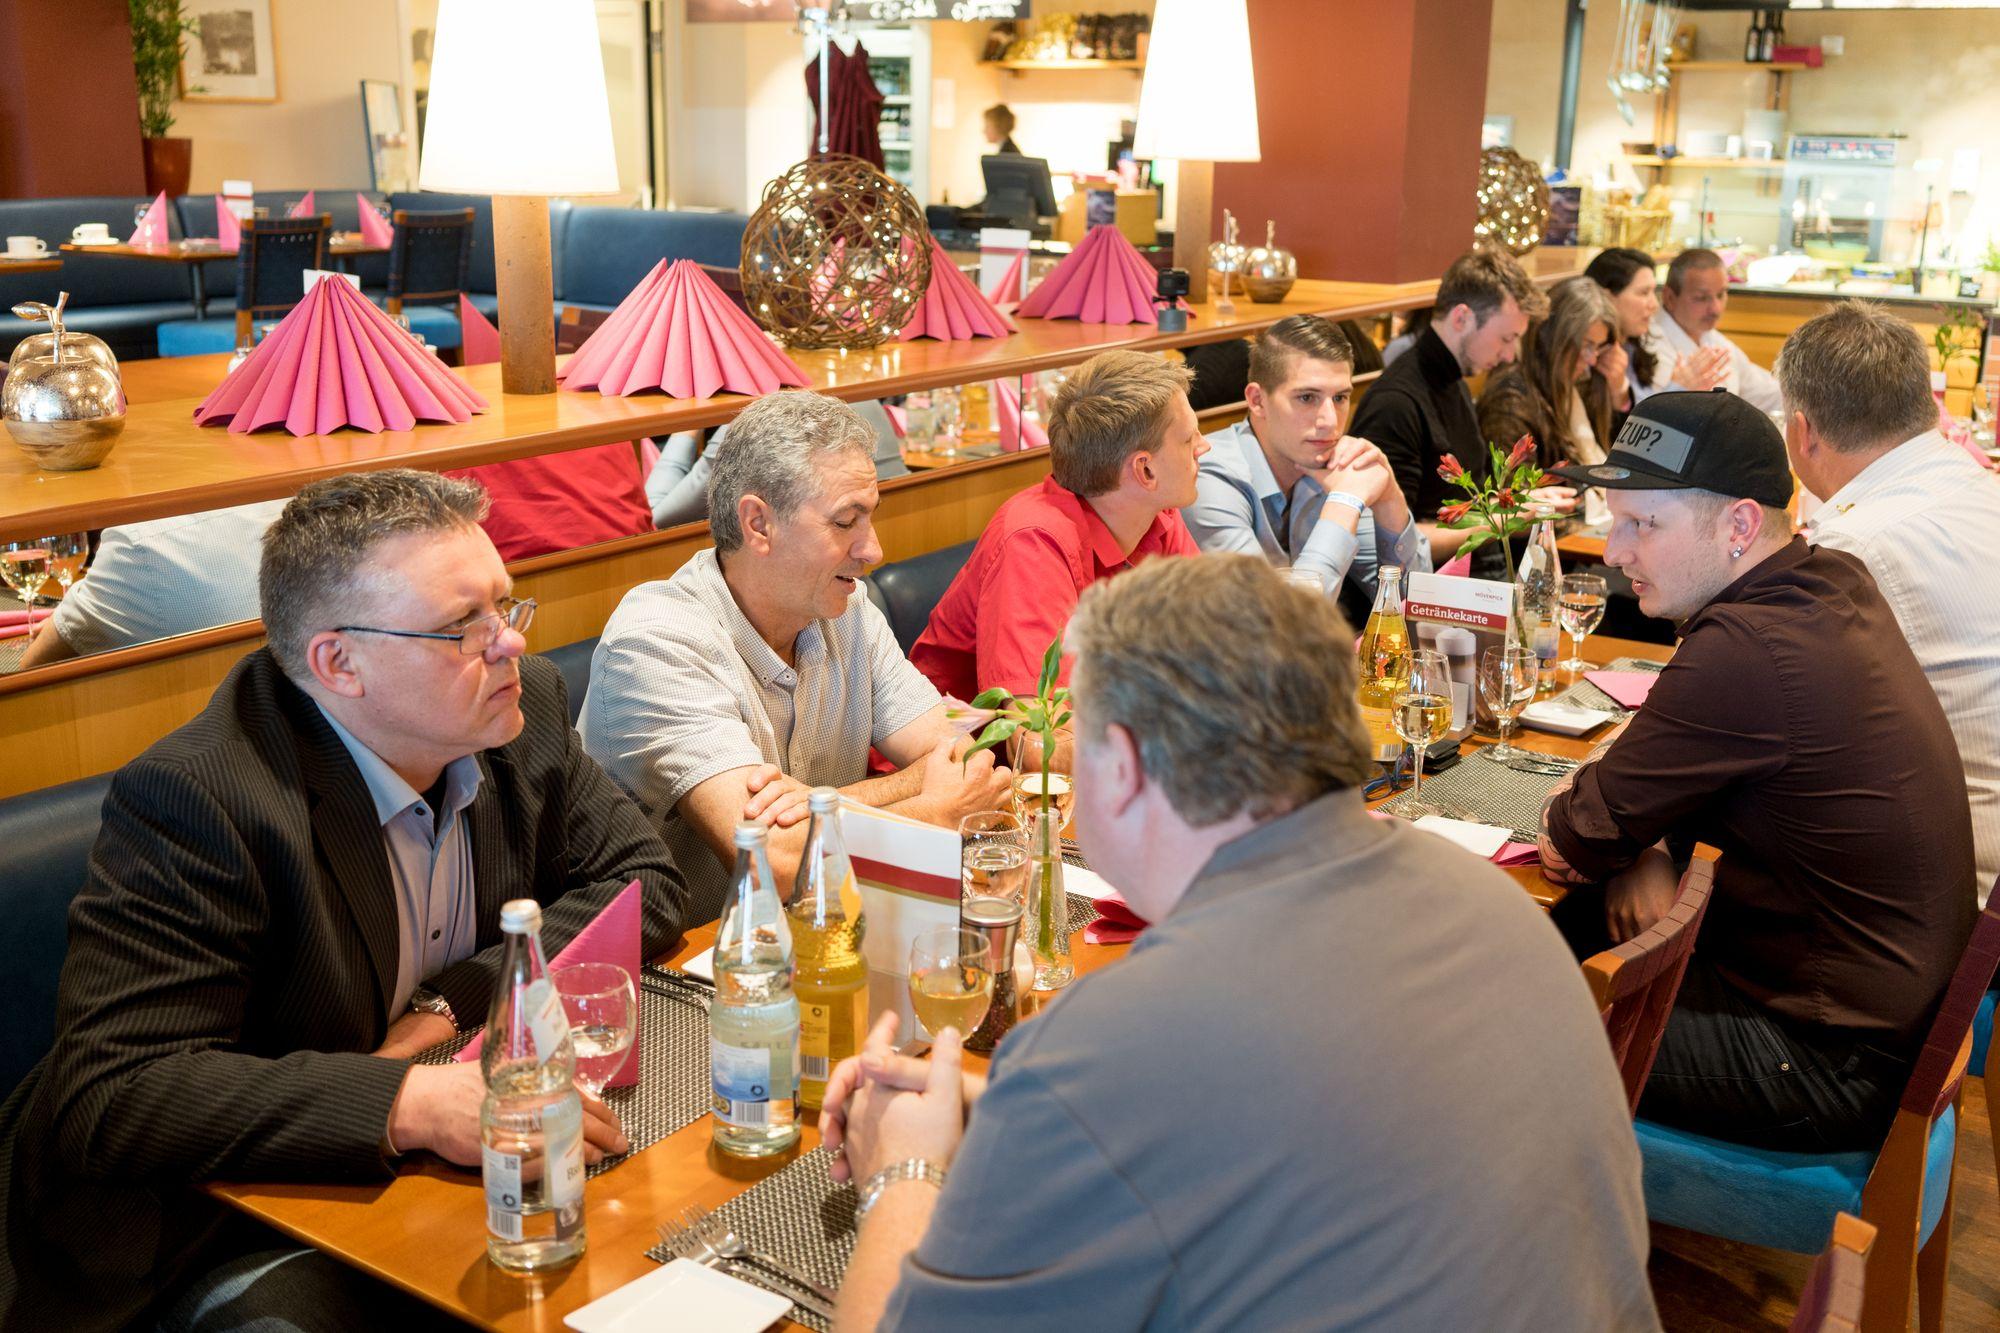 Dimitrios Agrodimos, Tim-Christopher Jäger und weitere Teilnehmer beim Abendessen im Flughafen Nürnberg auf dem Builderall Everest 2019 in Nürnberg (Germany)